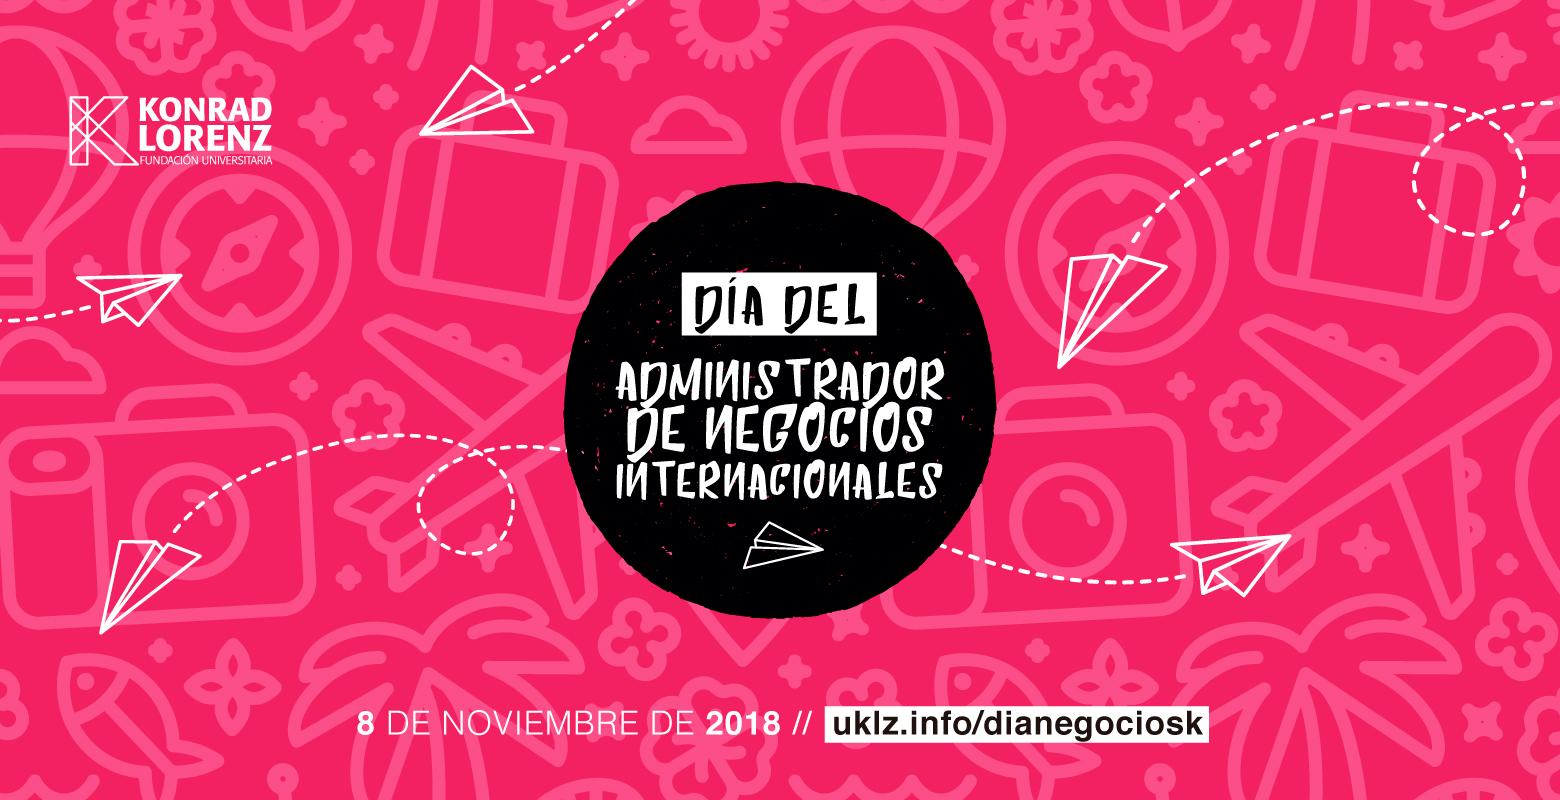 Día del Administrador de Negocios Internacionales 2018